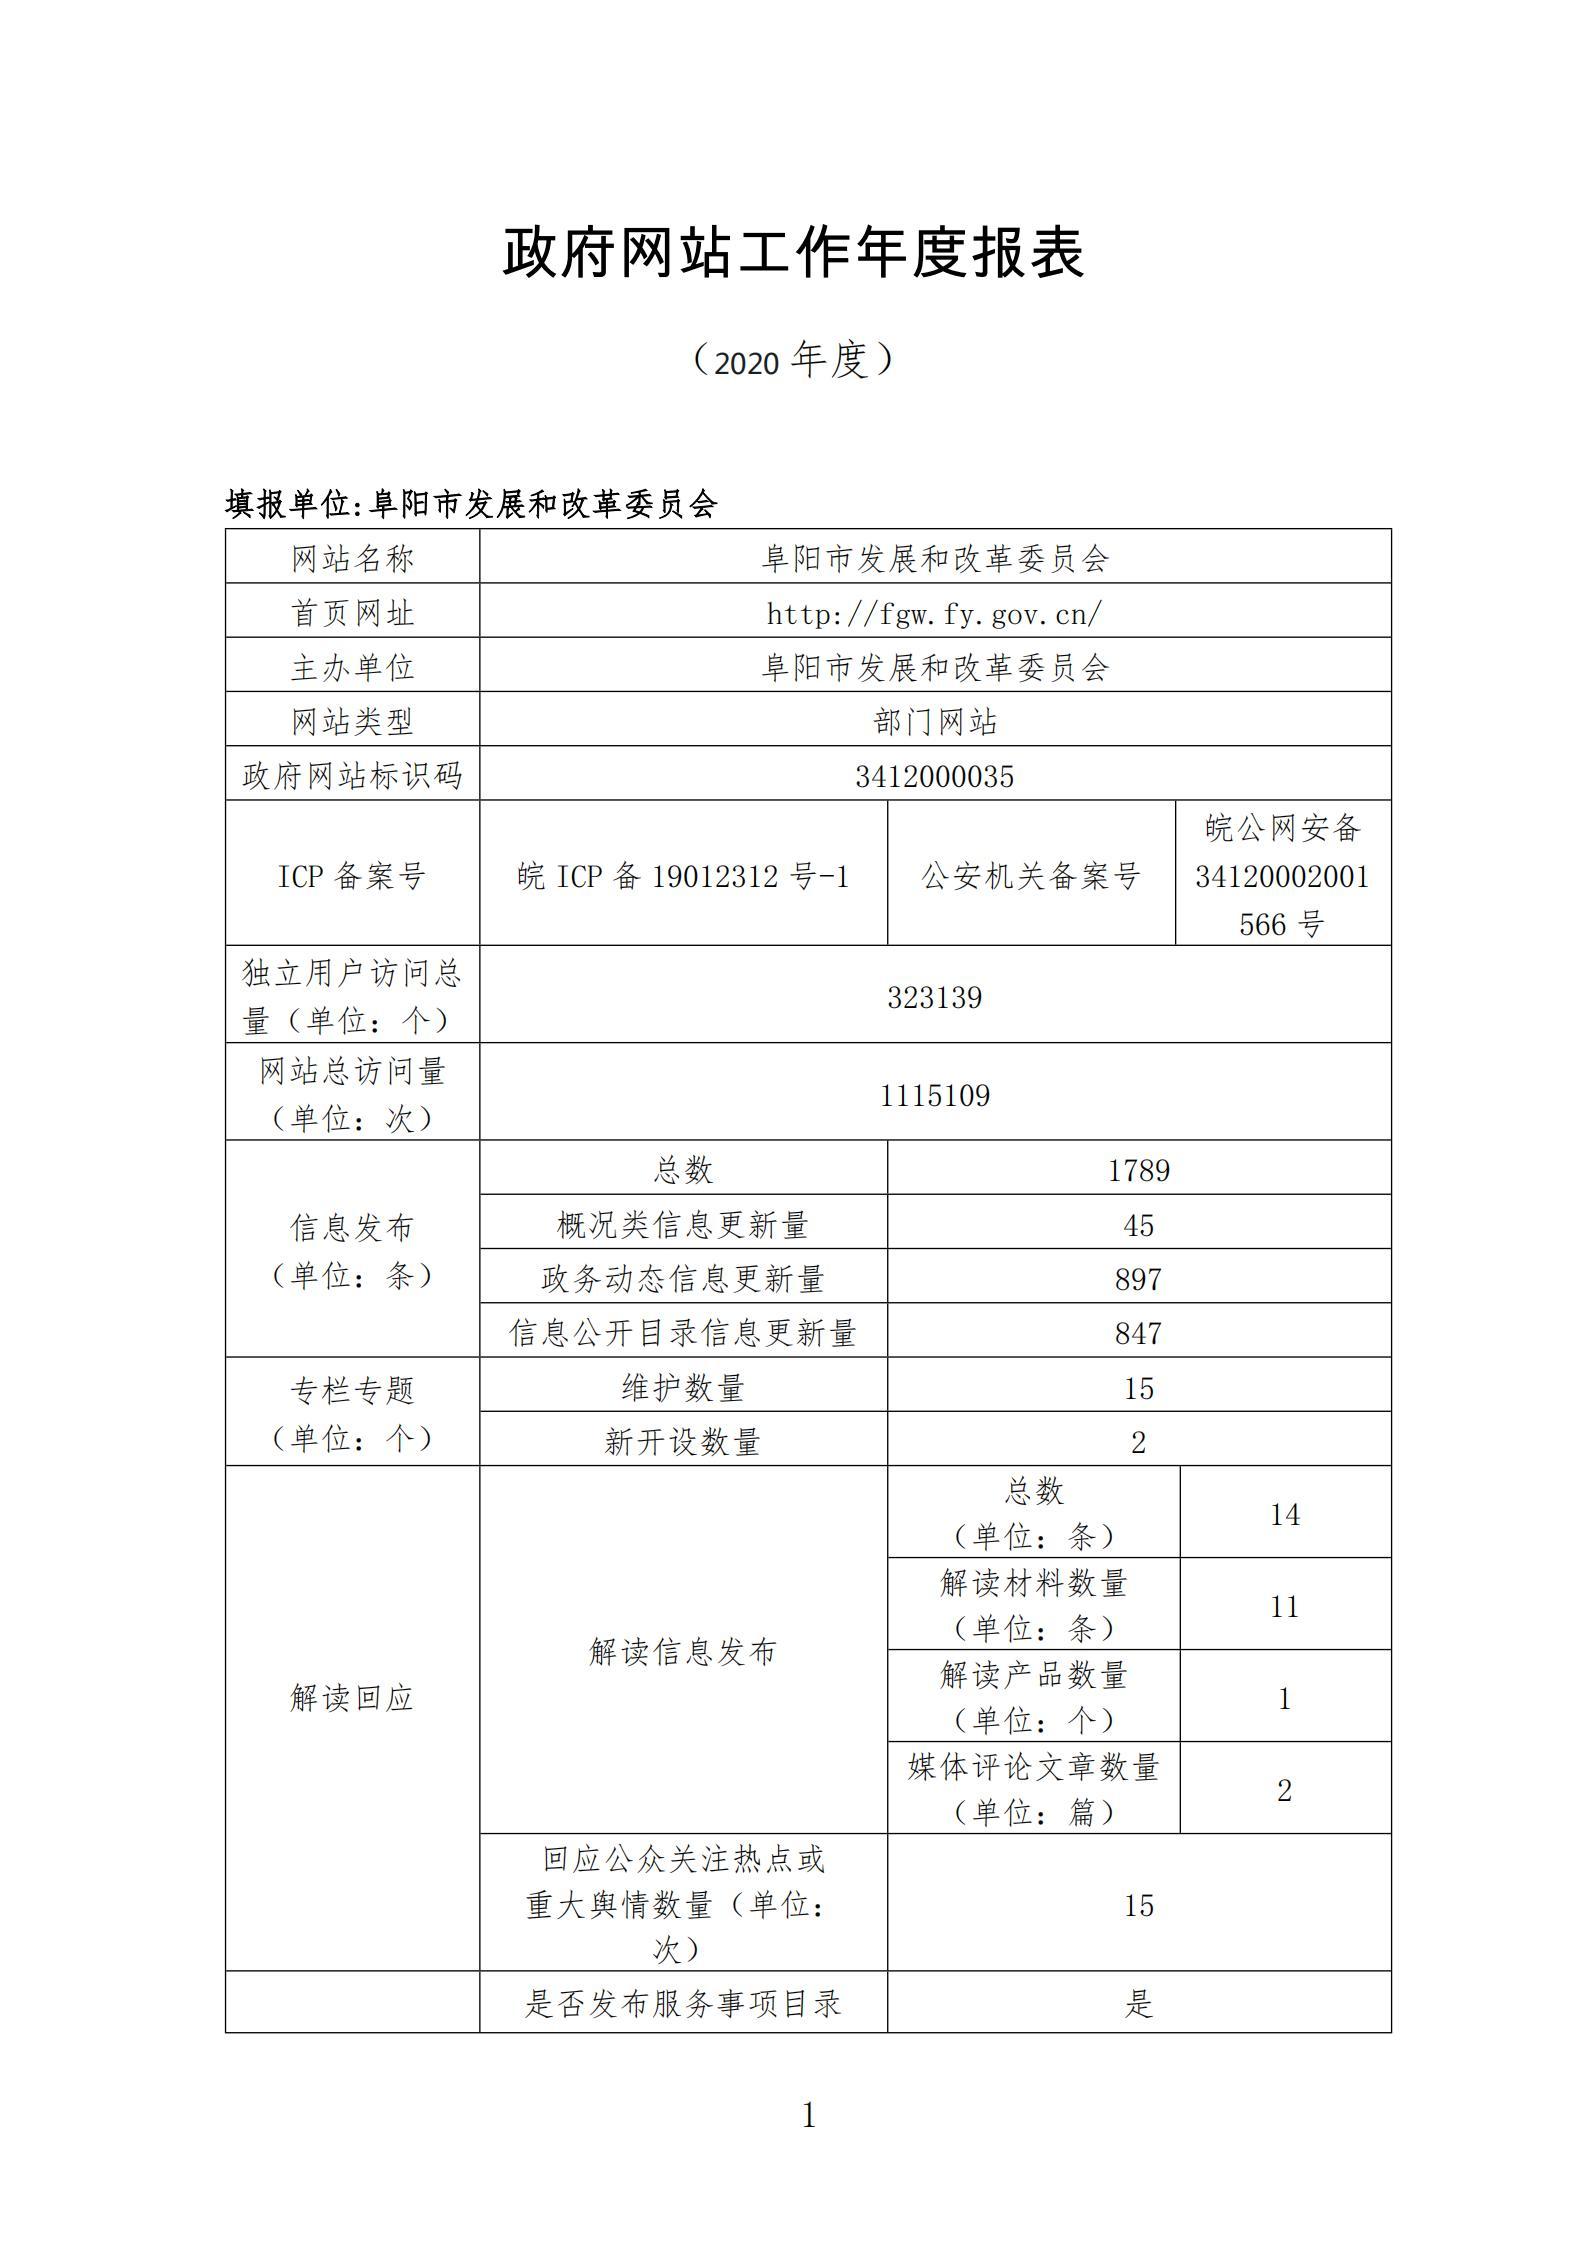 阜阳市发展和改革委员会2020年度政府网站工作报表_00.jpg